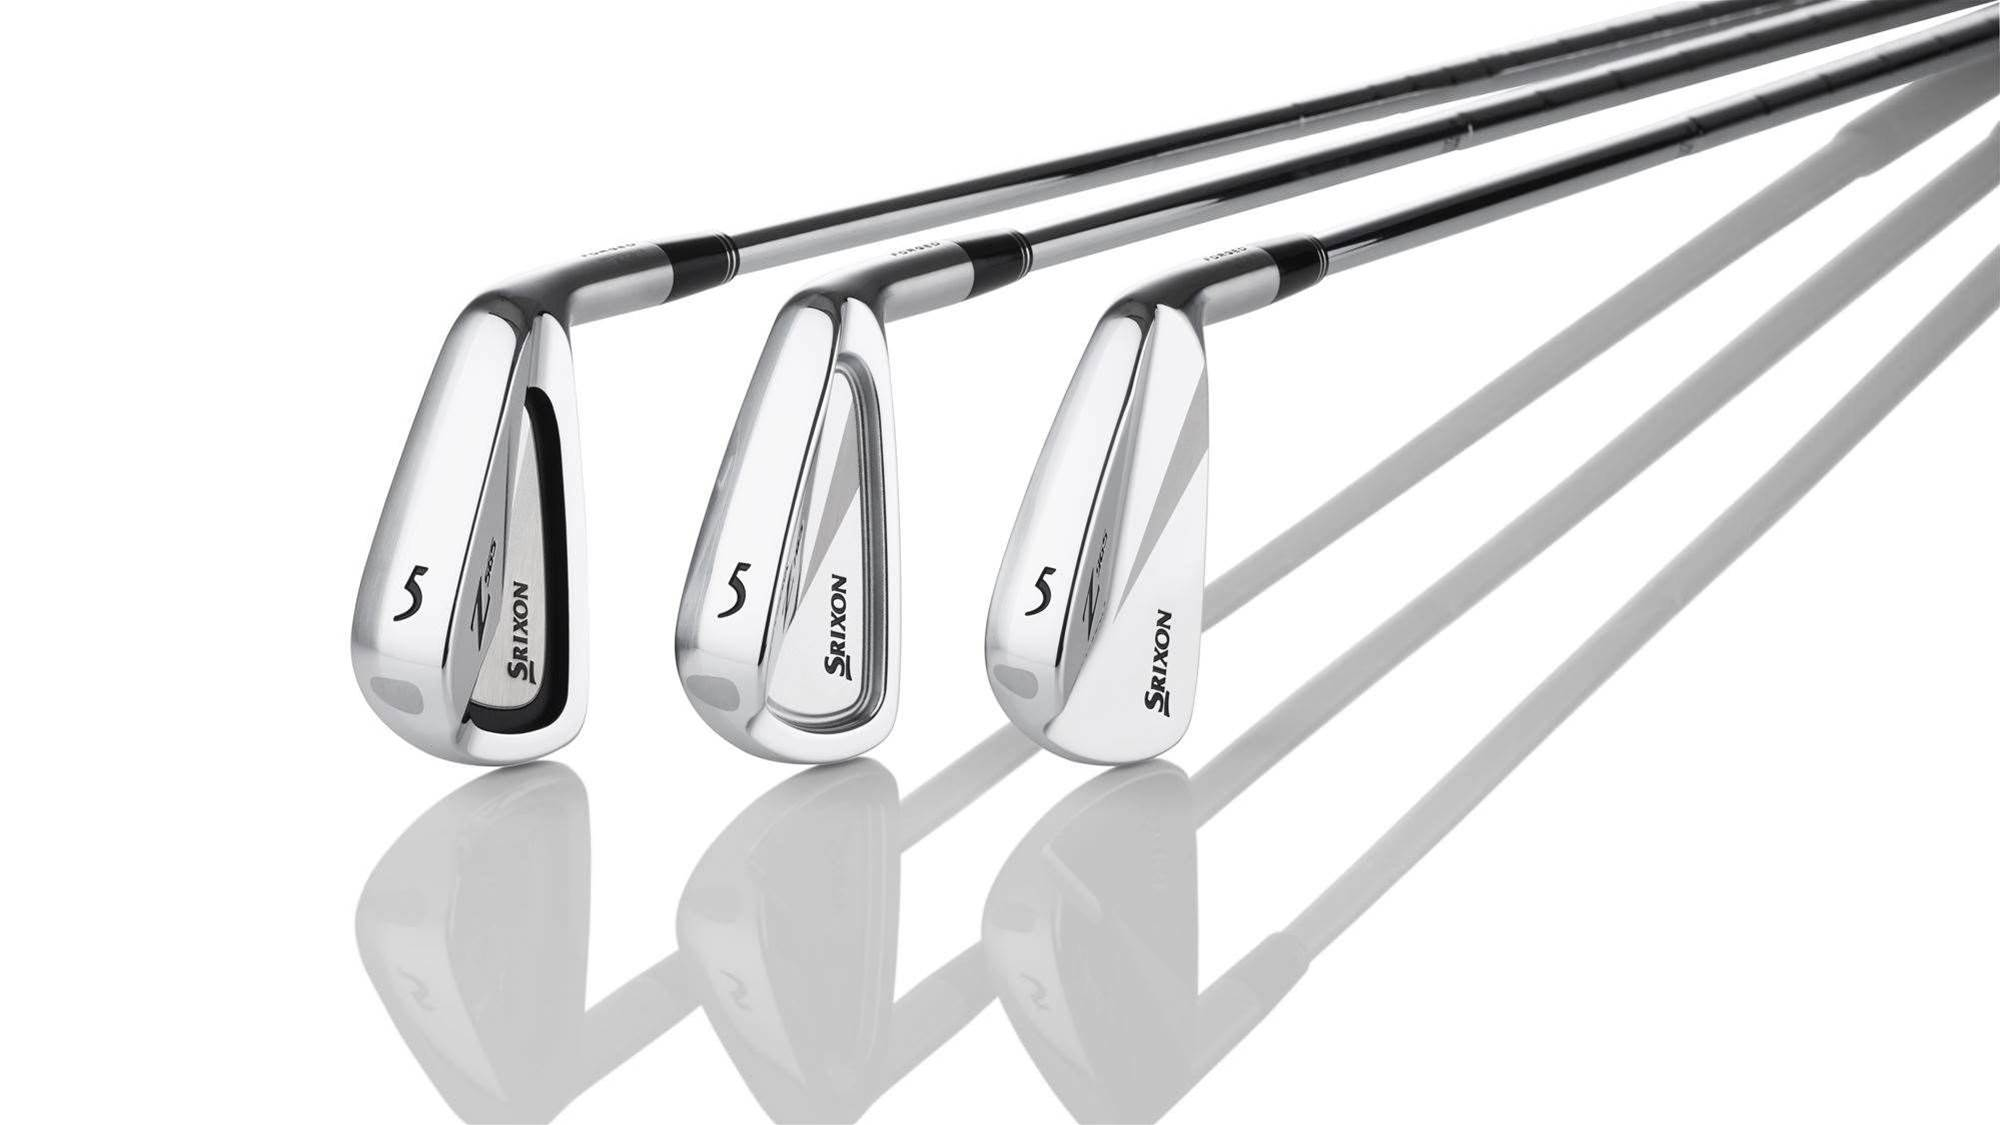 NEW GEAR: Srixon Z Series irons